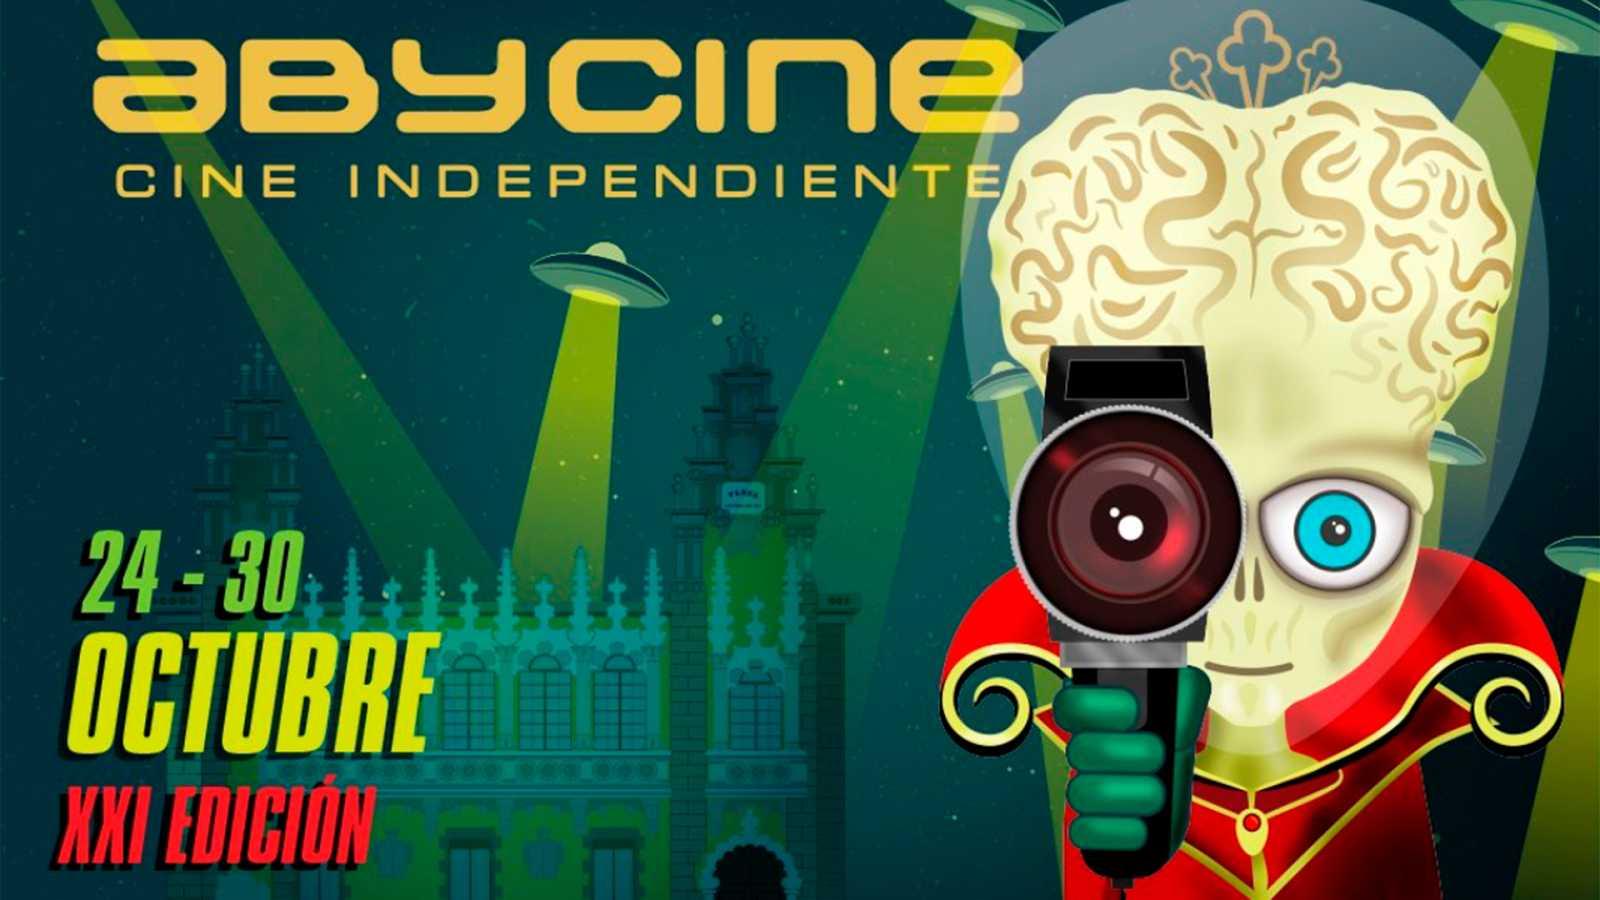 Efecto Doppler - Todos los detalles de Abycine - 23/10/19 - escuchar ahora